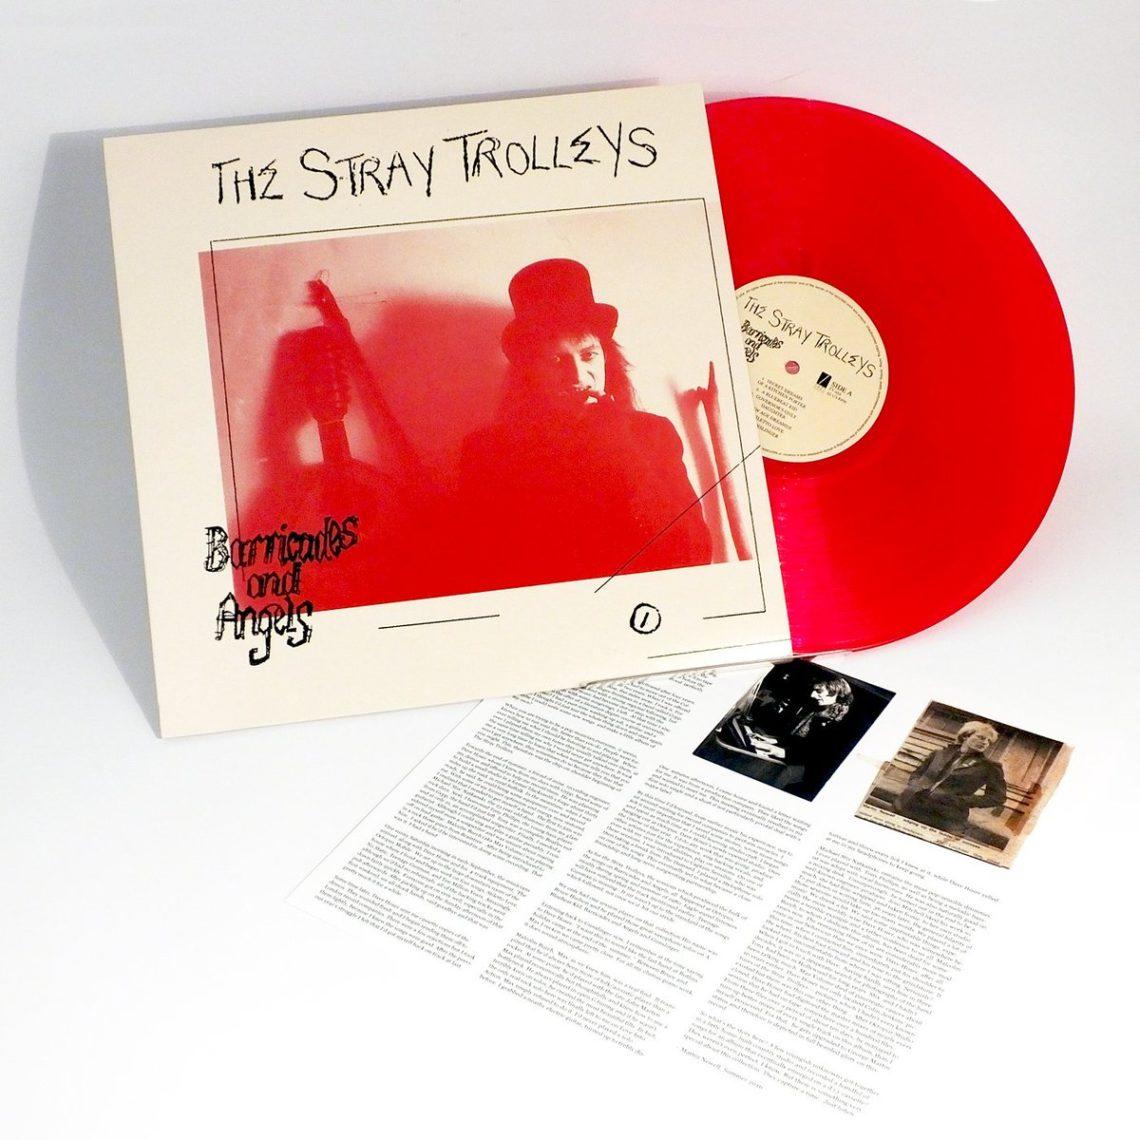 Captured Tracks переиздали единственный альбом британских глэм-рок аутсайдеров The Stray Trolleys «Barricades and Angels»